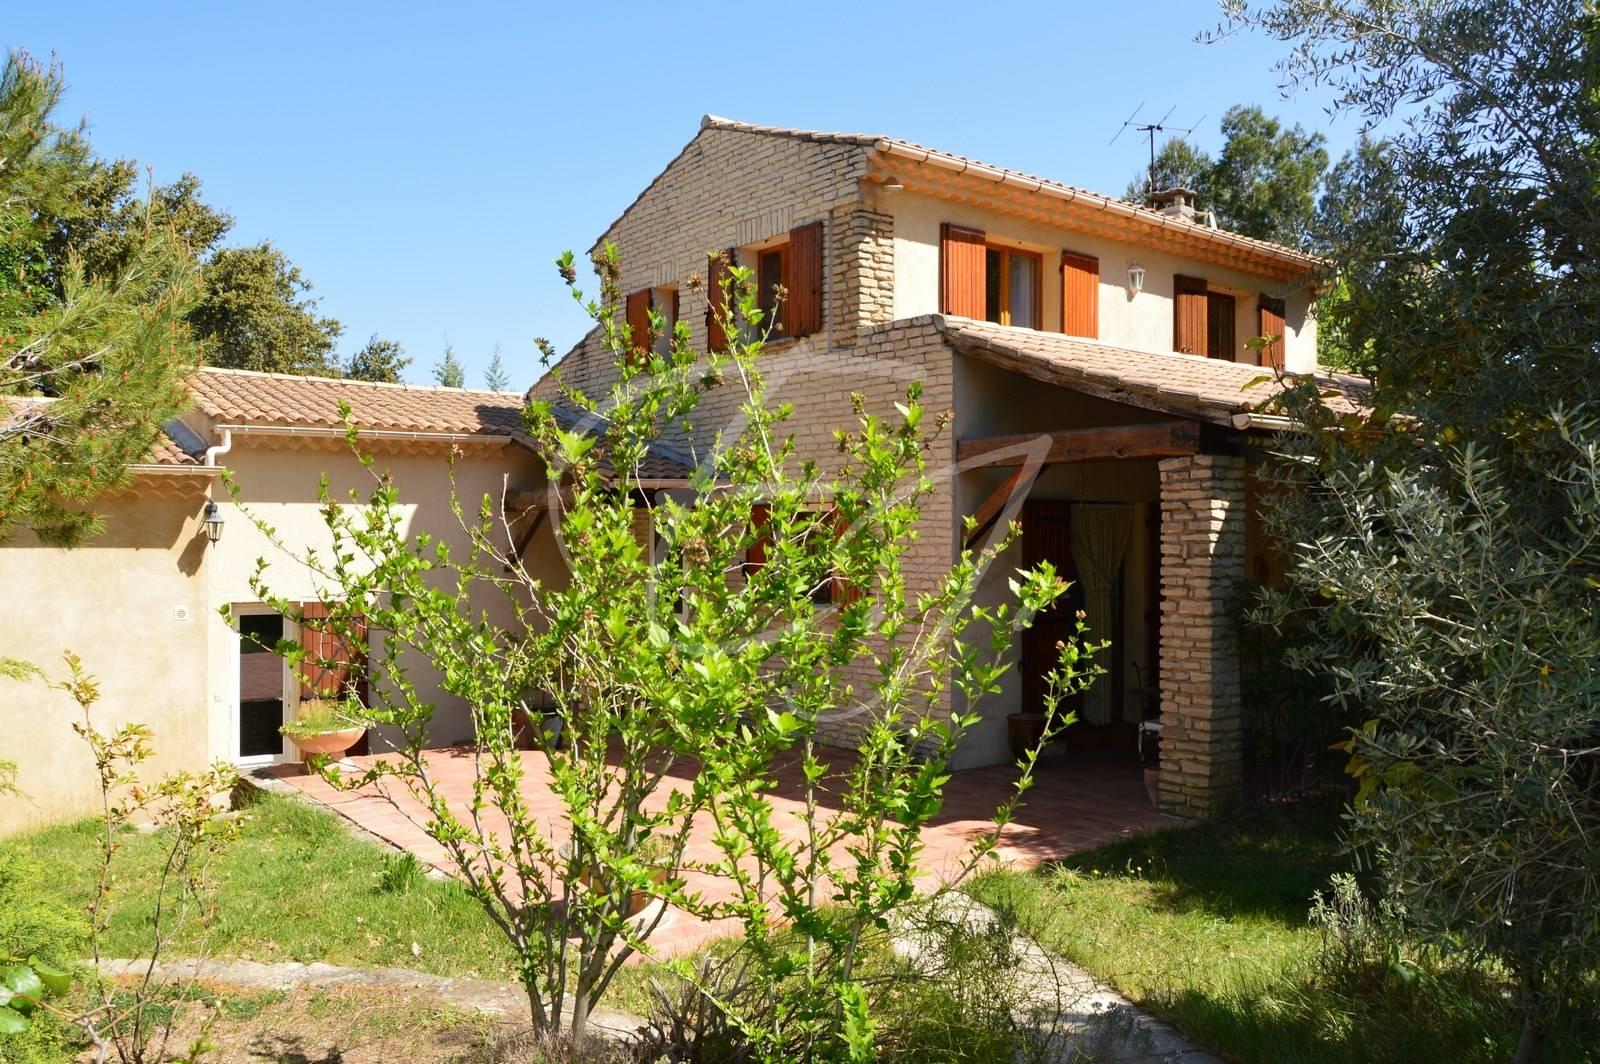 A vendre maison avec piscine et jardin arboré dans le village de Robion